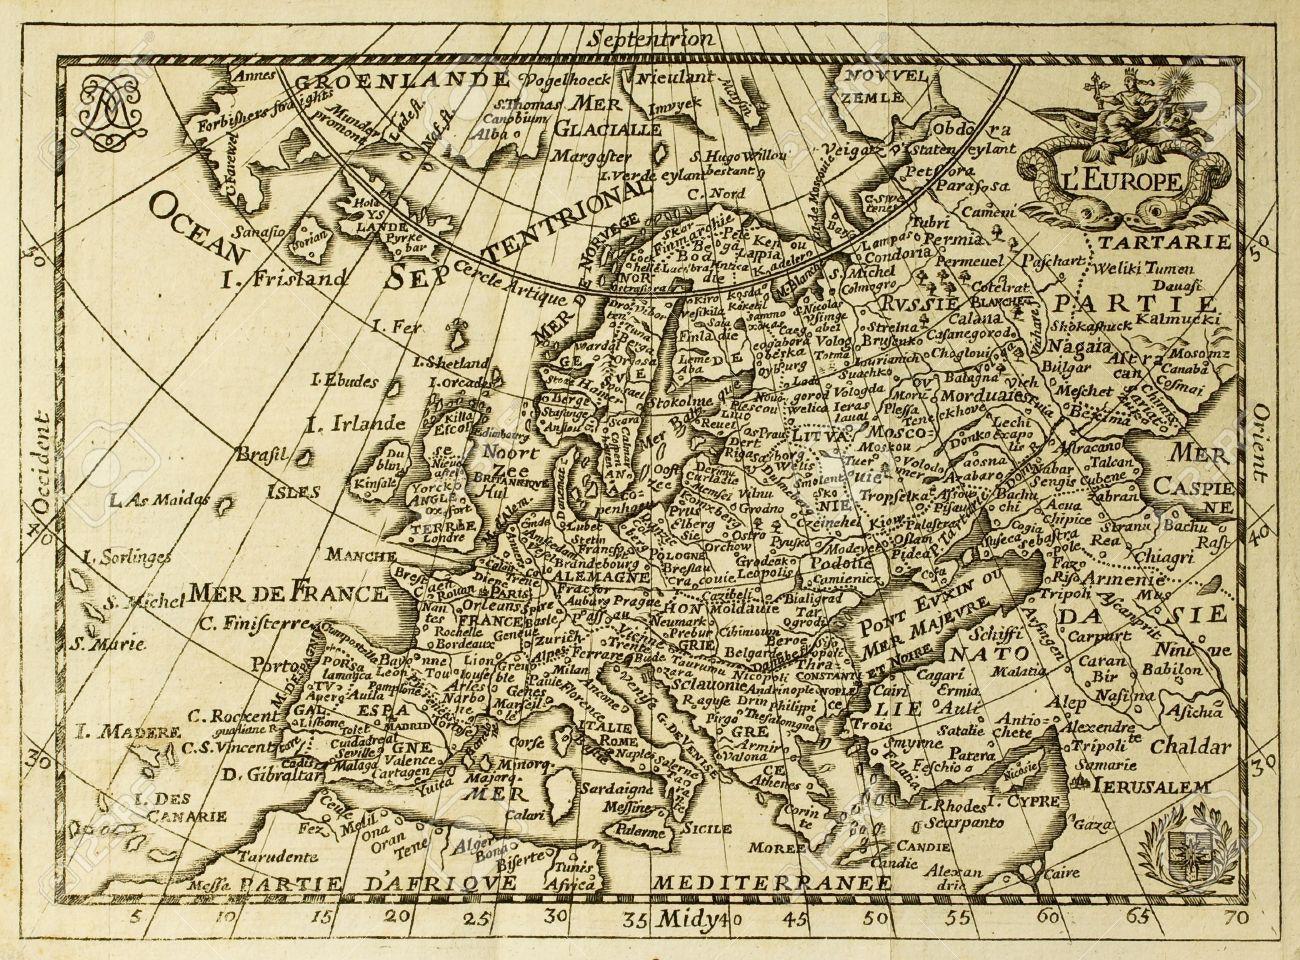 Cartina Europa Con Meridiani E Paralleli.Immagini Stock Vecchia Mappa Europa Con Paralleli E Meridiani Puo Essere Datato Alla Fine Del Xvii Sec Image 14986567